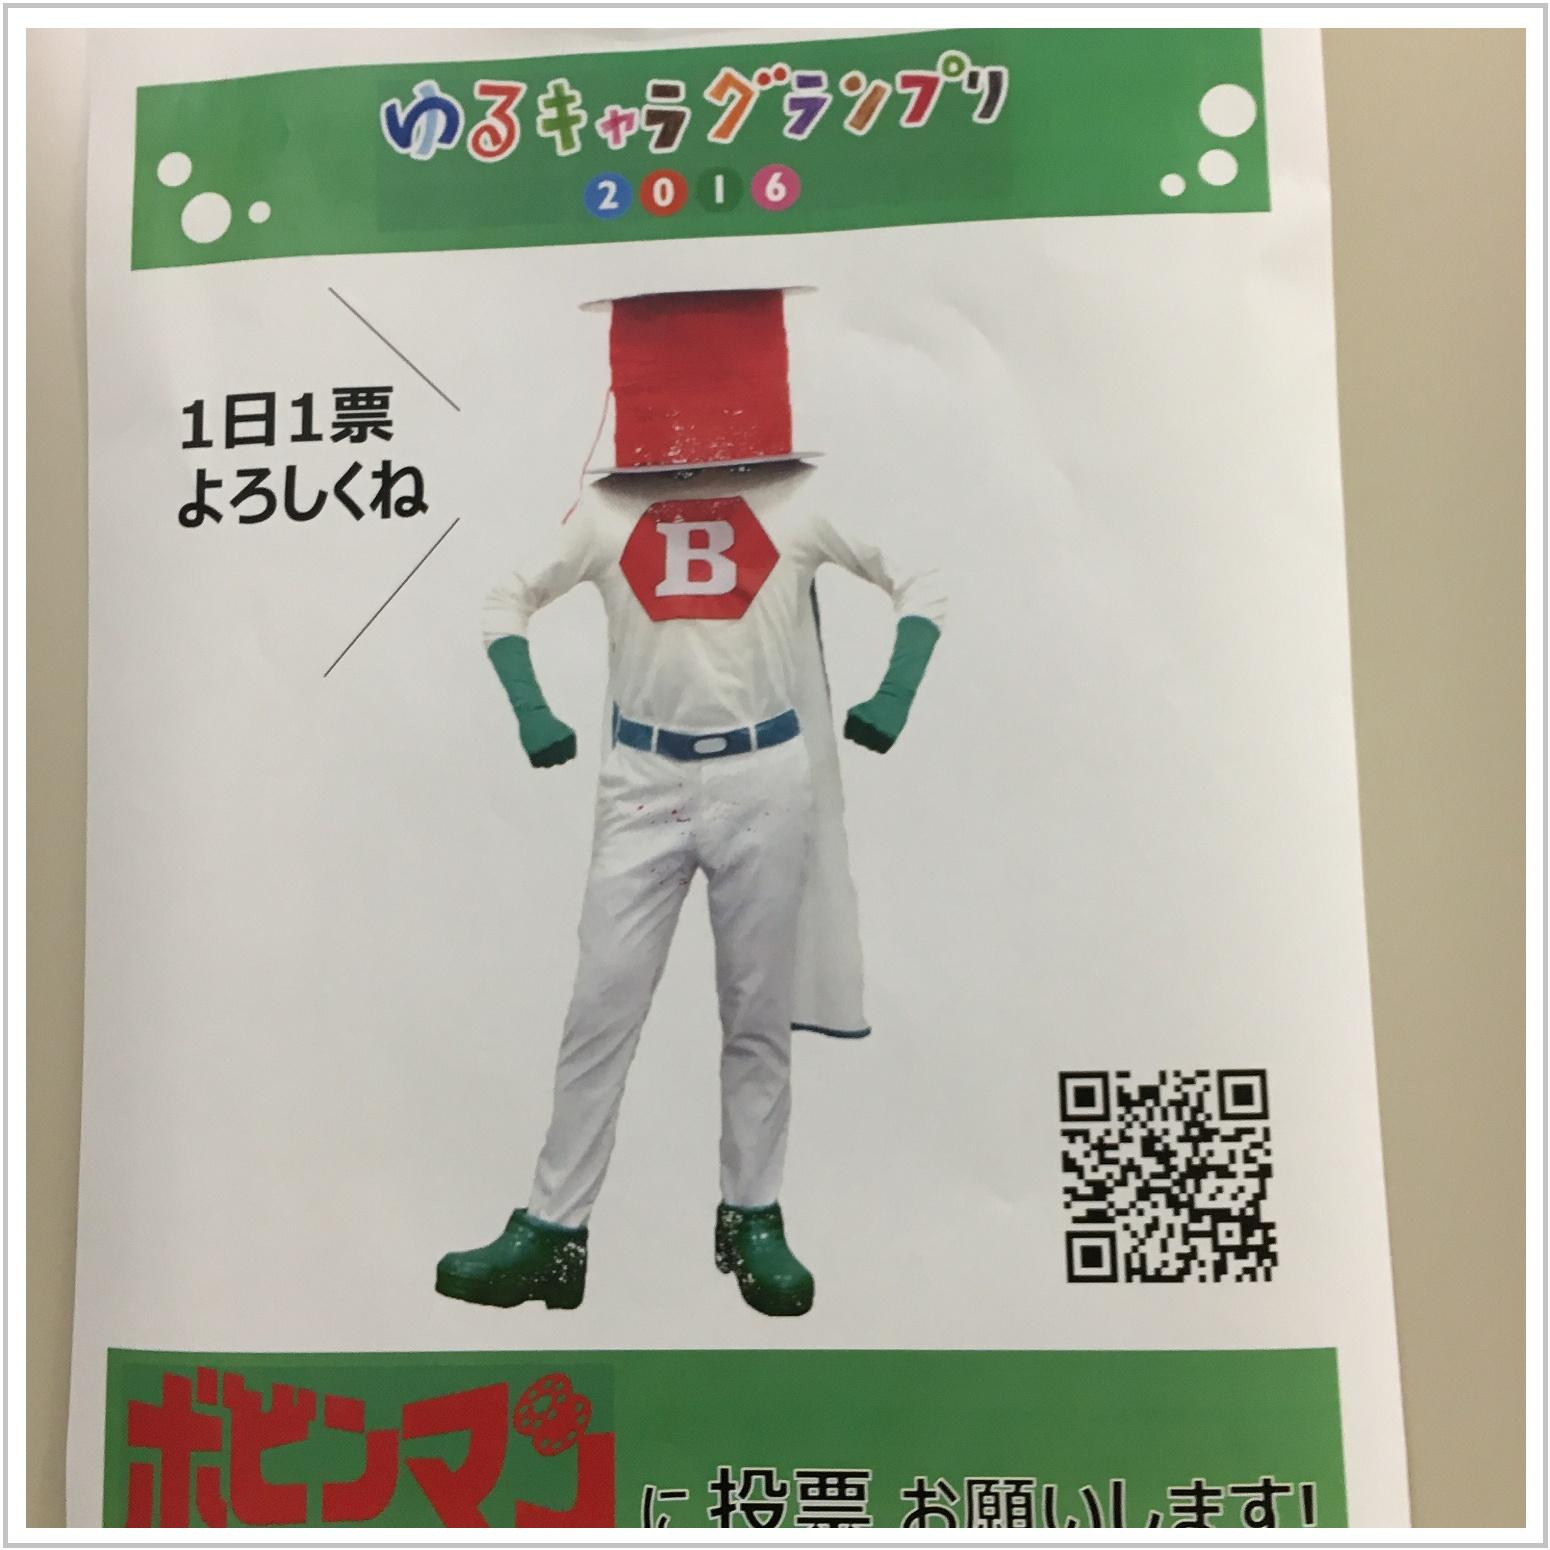 nagoya_29_805.jpg